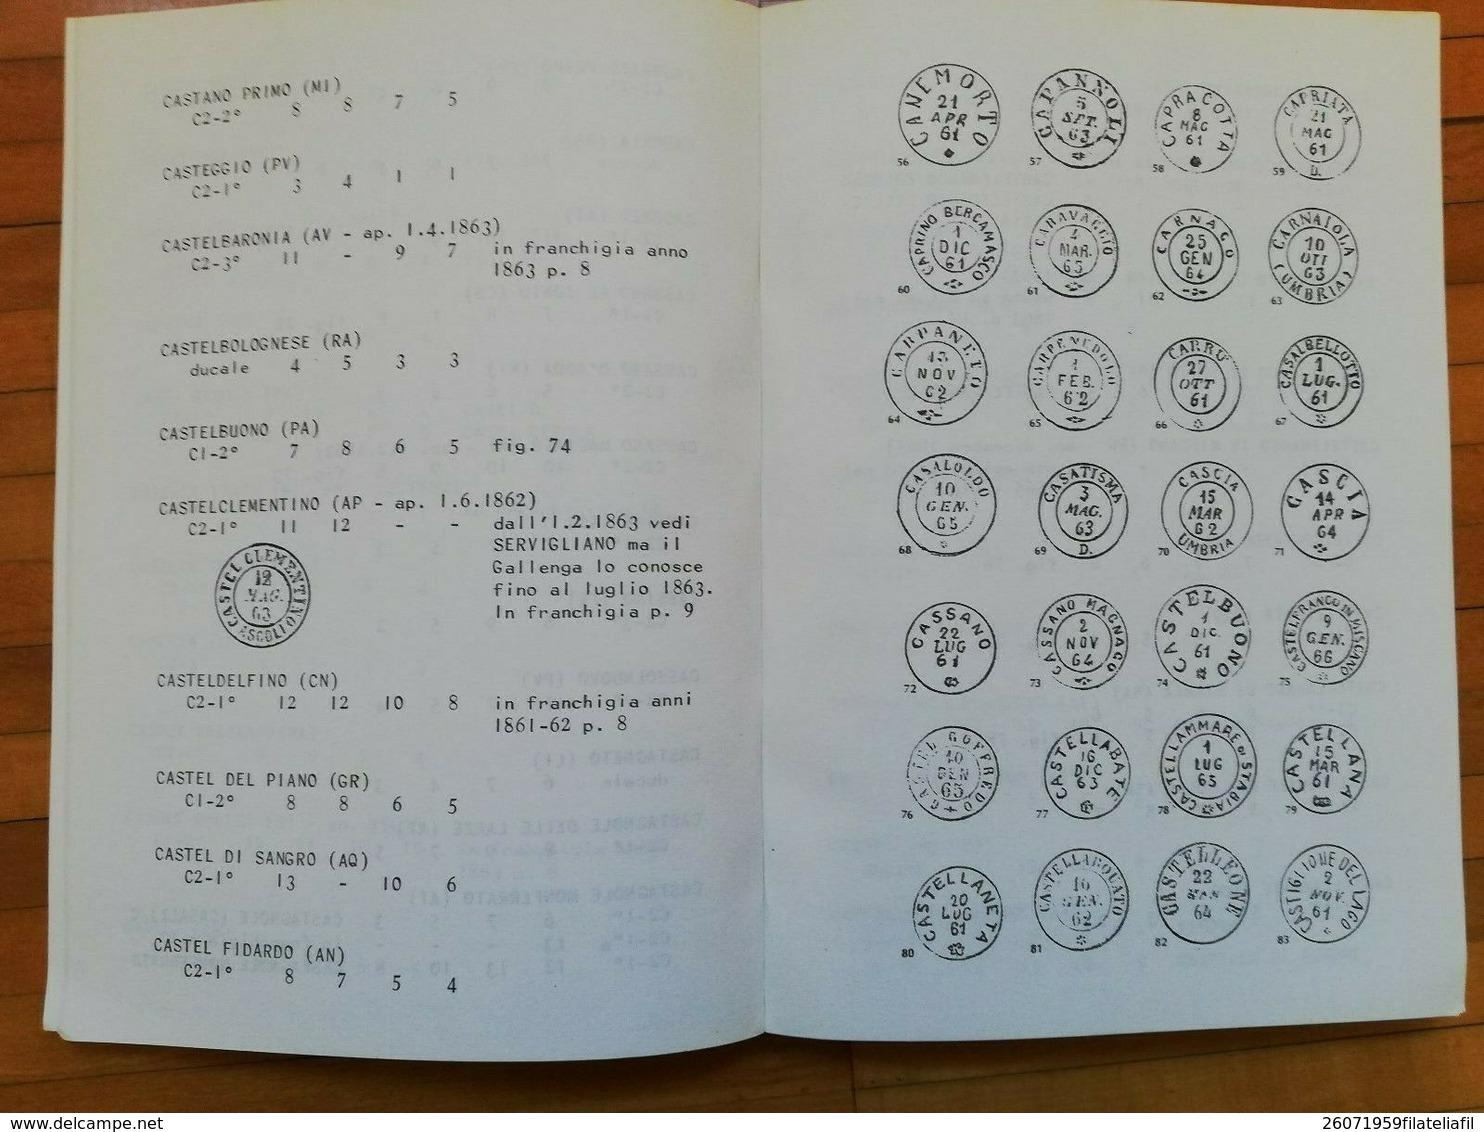 CATALOGO DEGLI ANNULLAMENTI ITALIANI 1860-1866 DI CATTANI ADRIANO ED. 1977 - Filatelia E Storia Postale